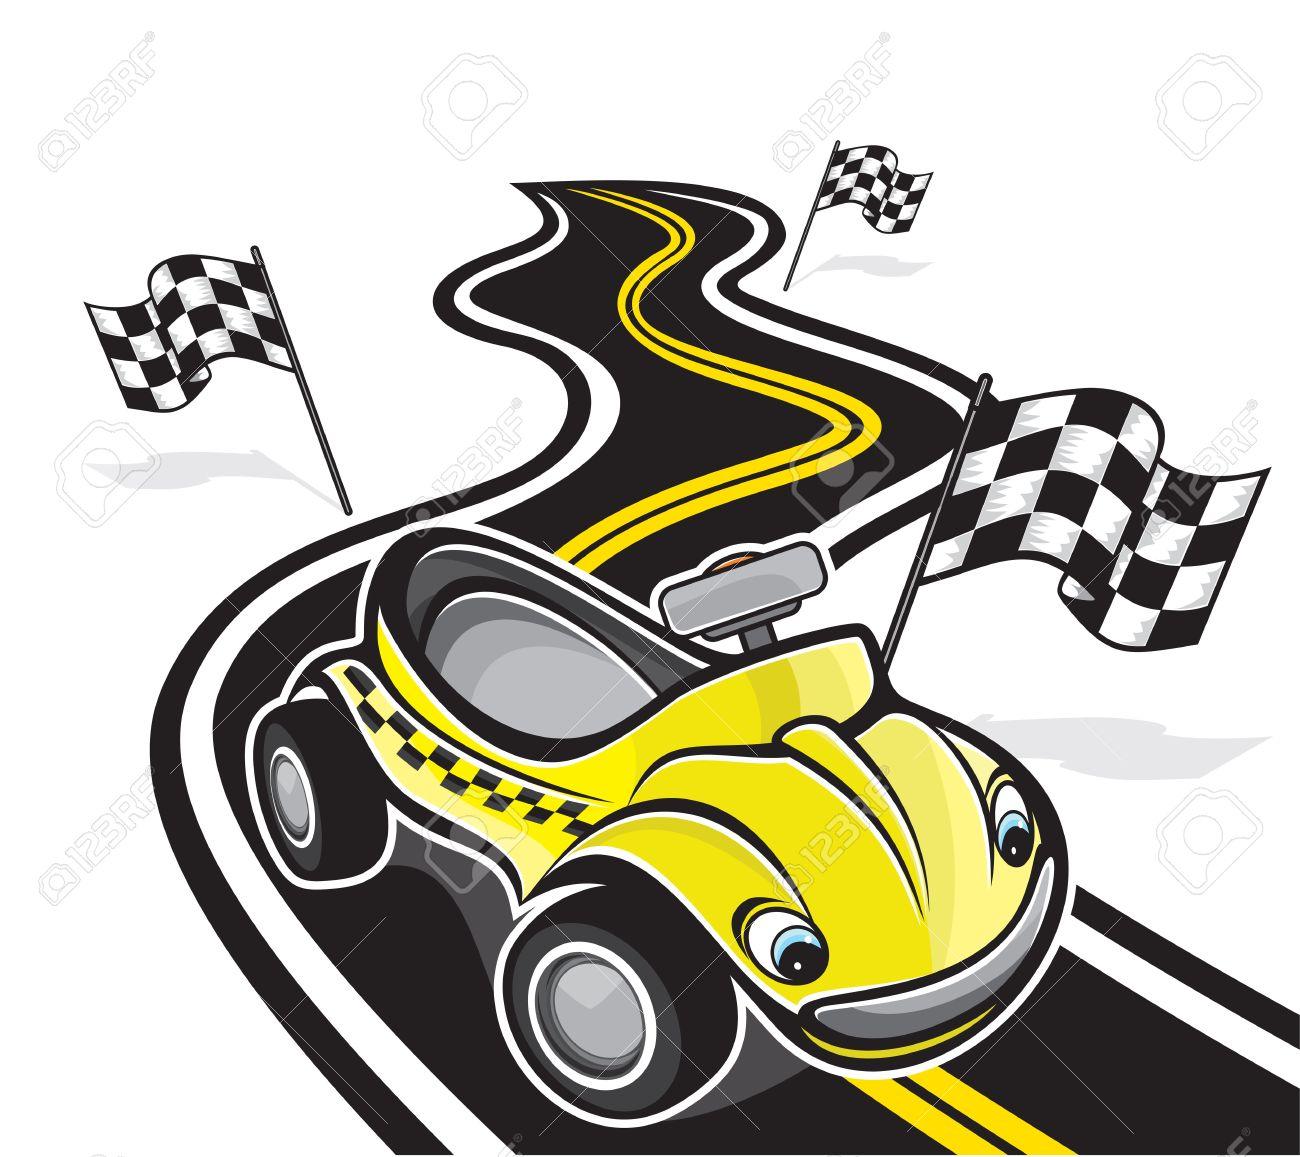 cute race car Stock Vector - 17988787